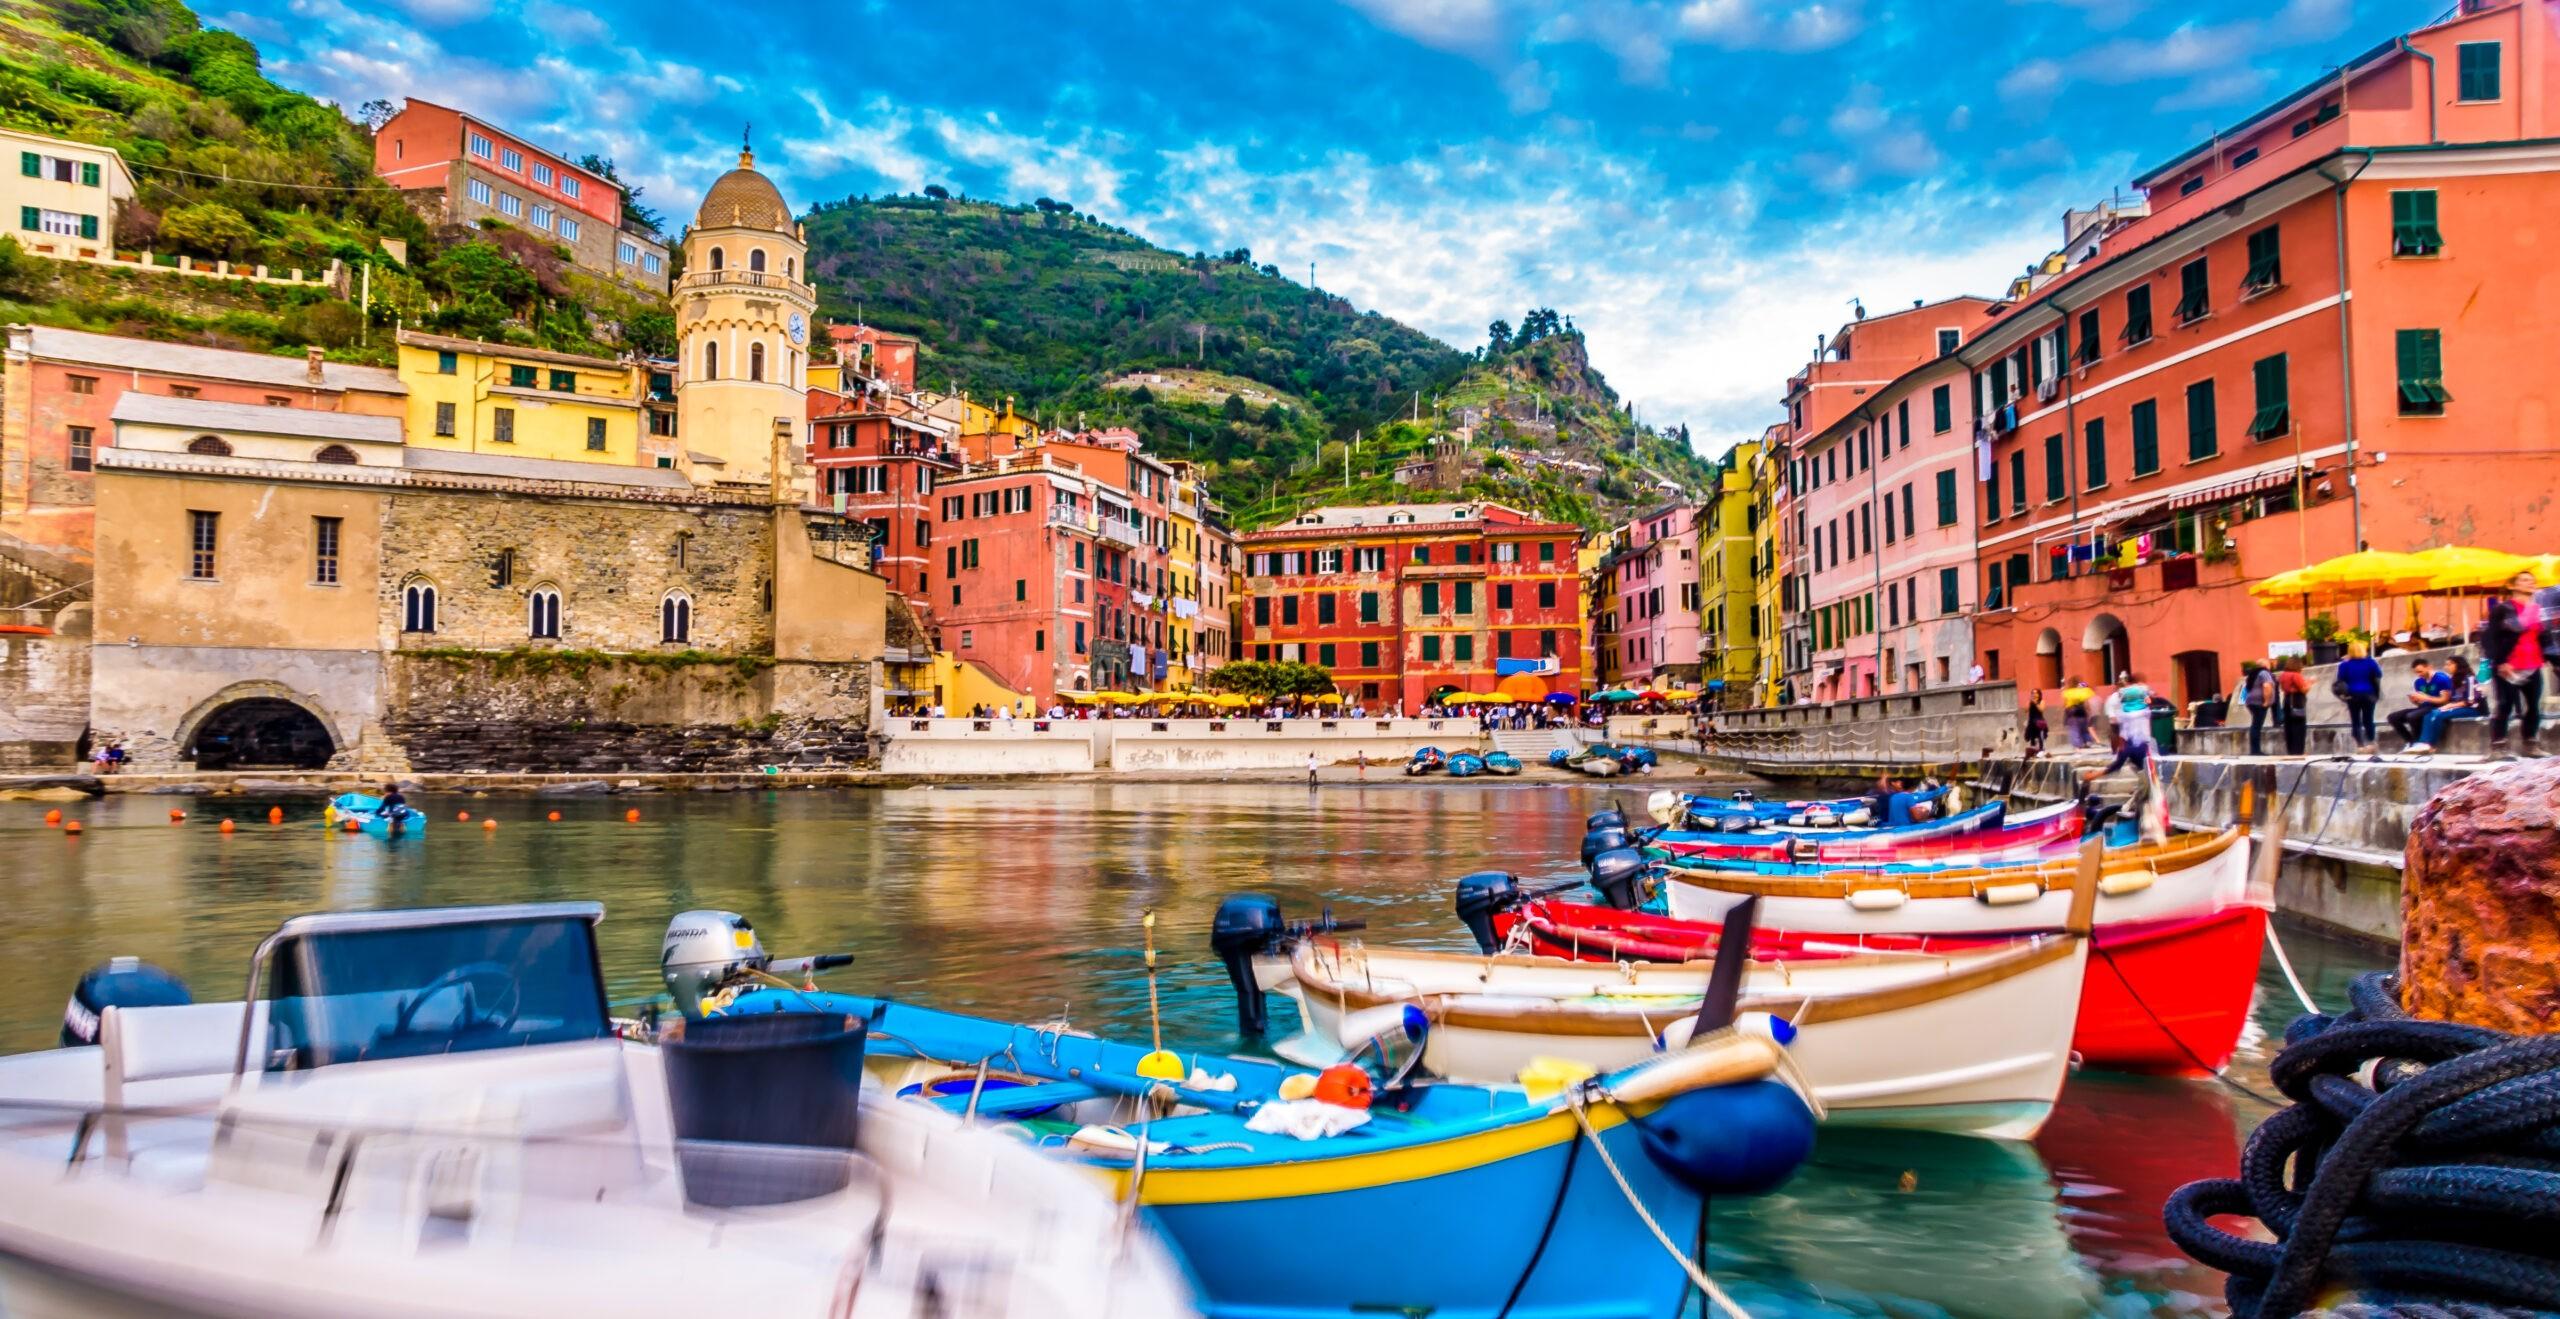 Widok na miejscowość Vernazza, Cinque Terre, Włochy. Widok z molo na wioskę, licencja: shutterstock/By conssuella